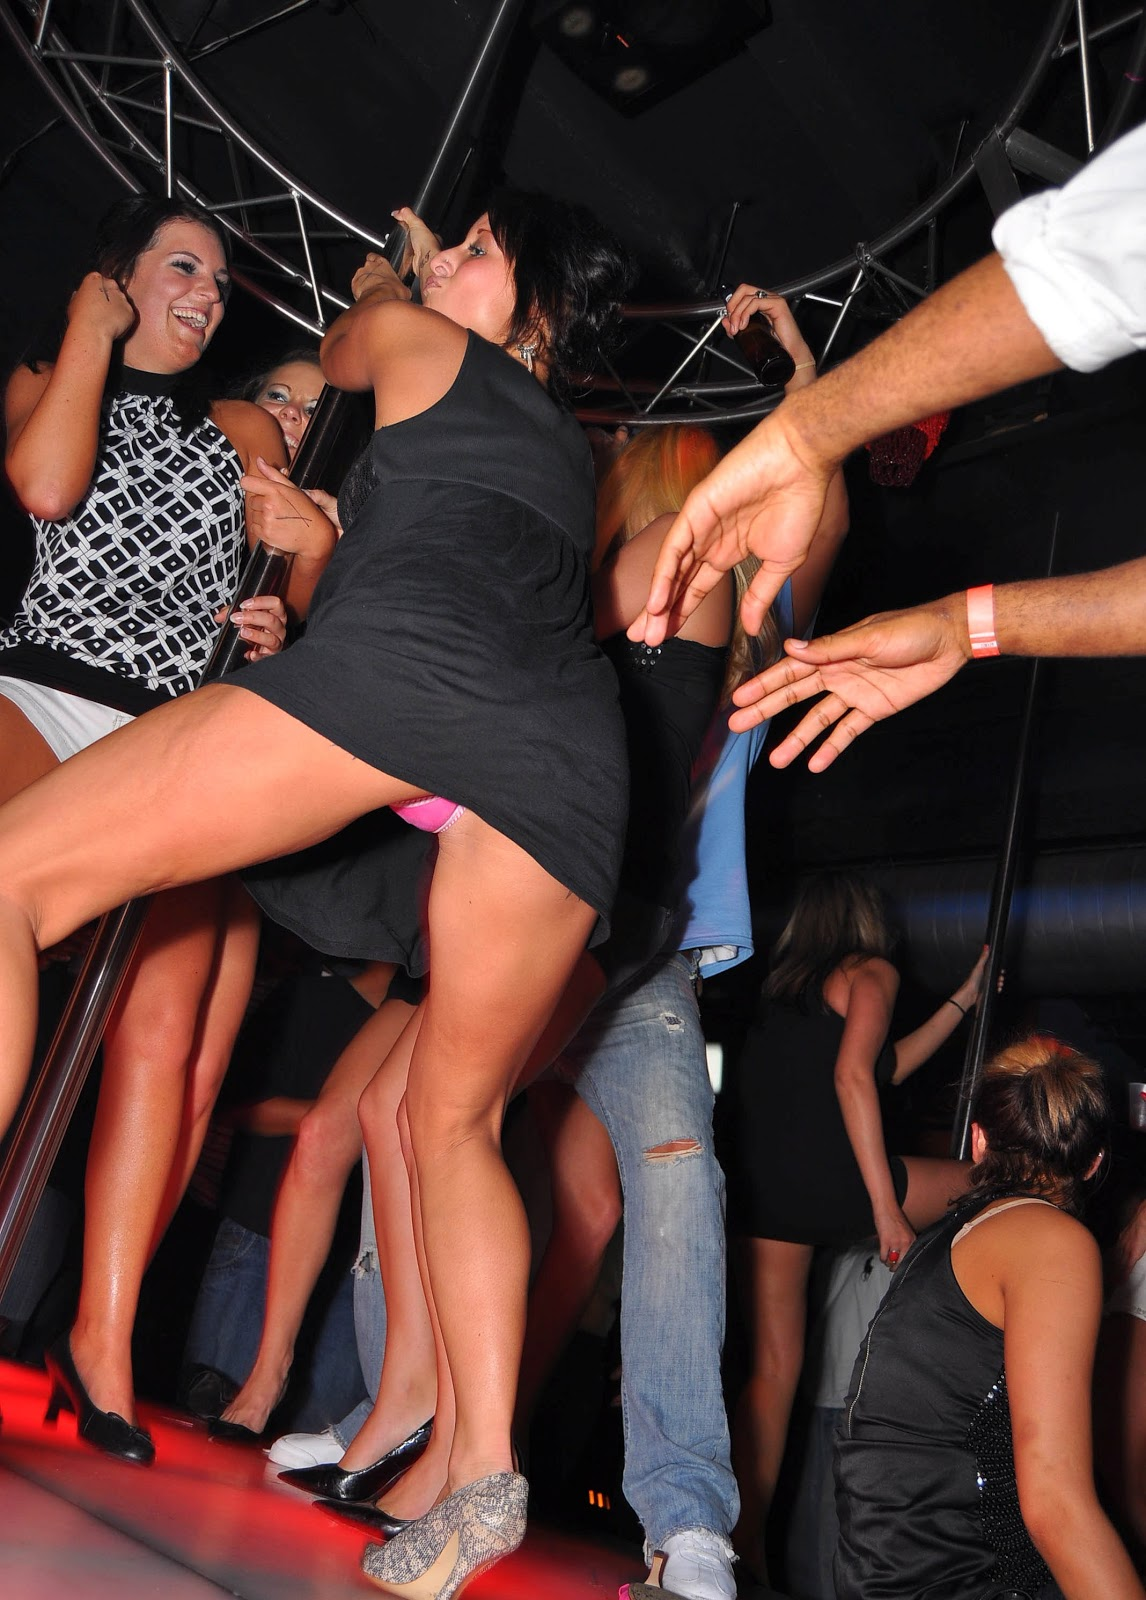 Подсмотренное порно фото зрелых из-под